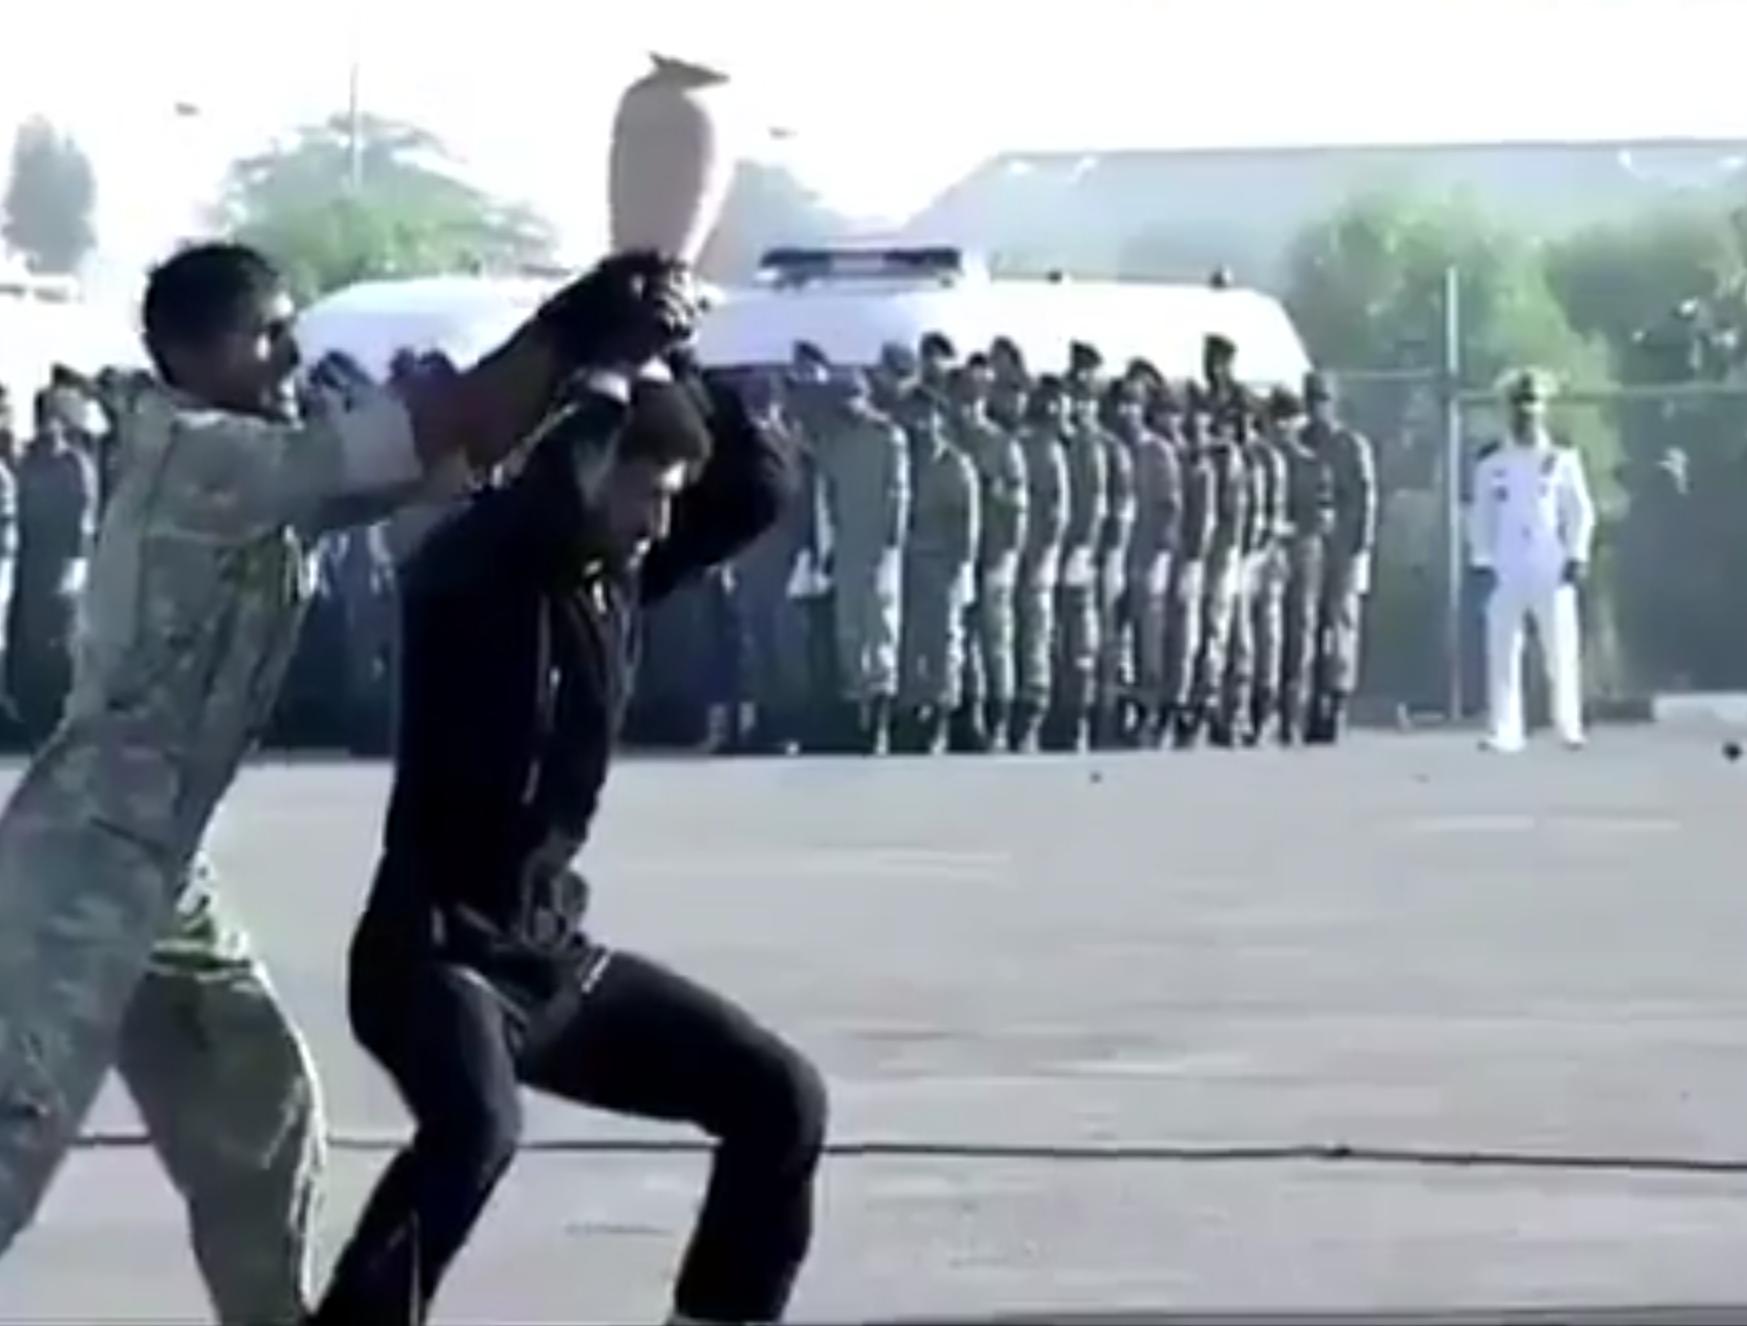 فيديو استعراض مرعب للقوات الخاصة الإيرانية ههههههخخ